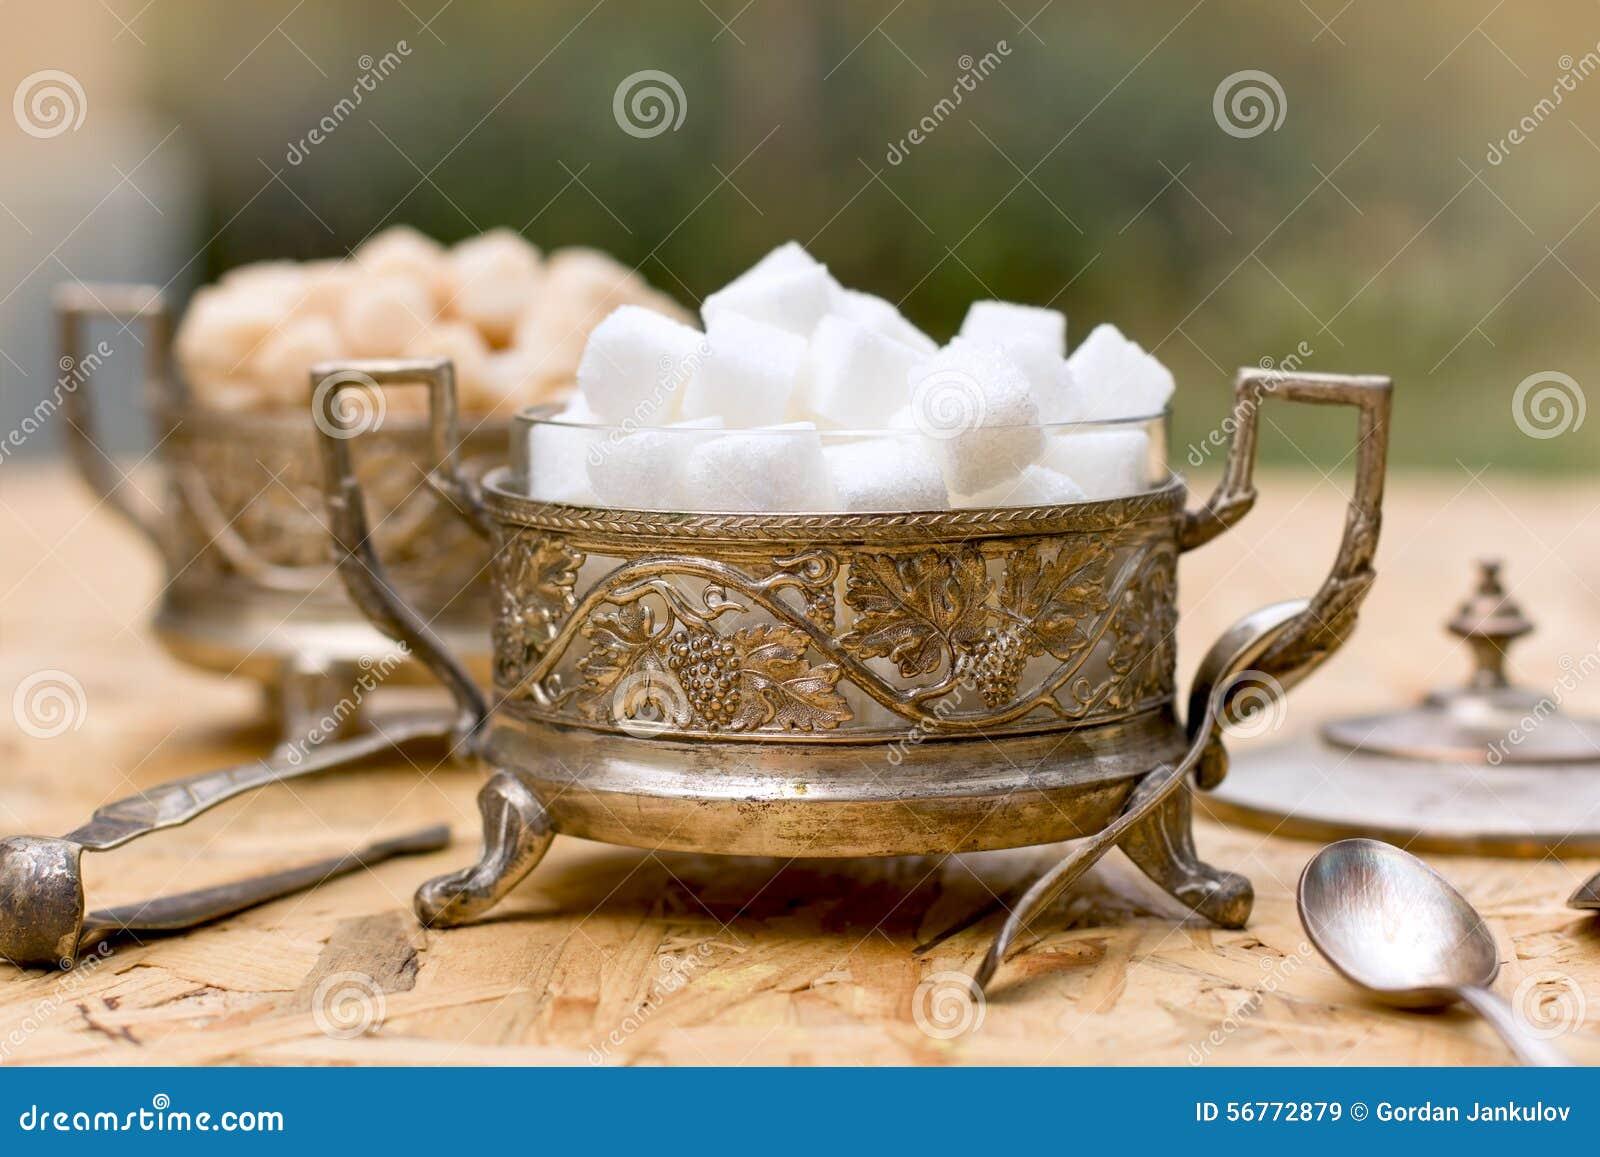 Vit- och gulingsocker (kuber) i silverbehållare - antikviteten bowlar